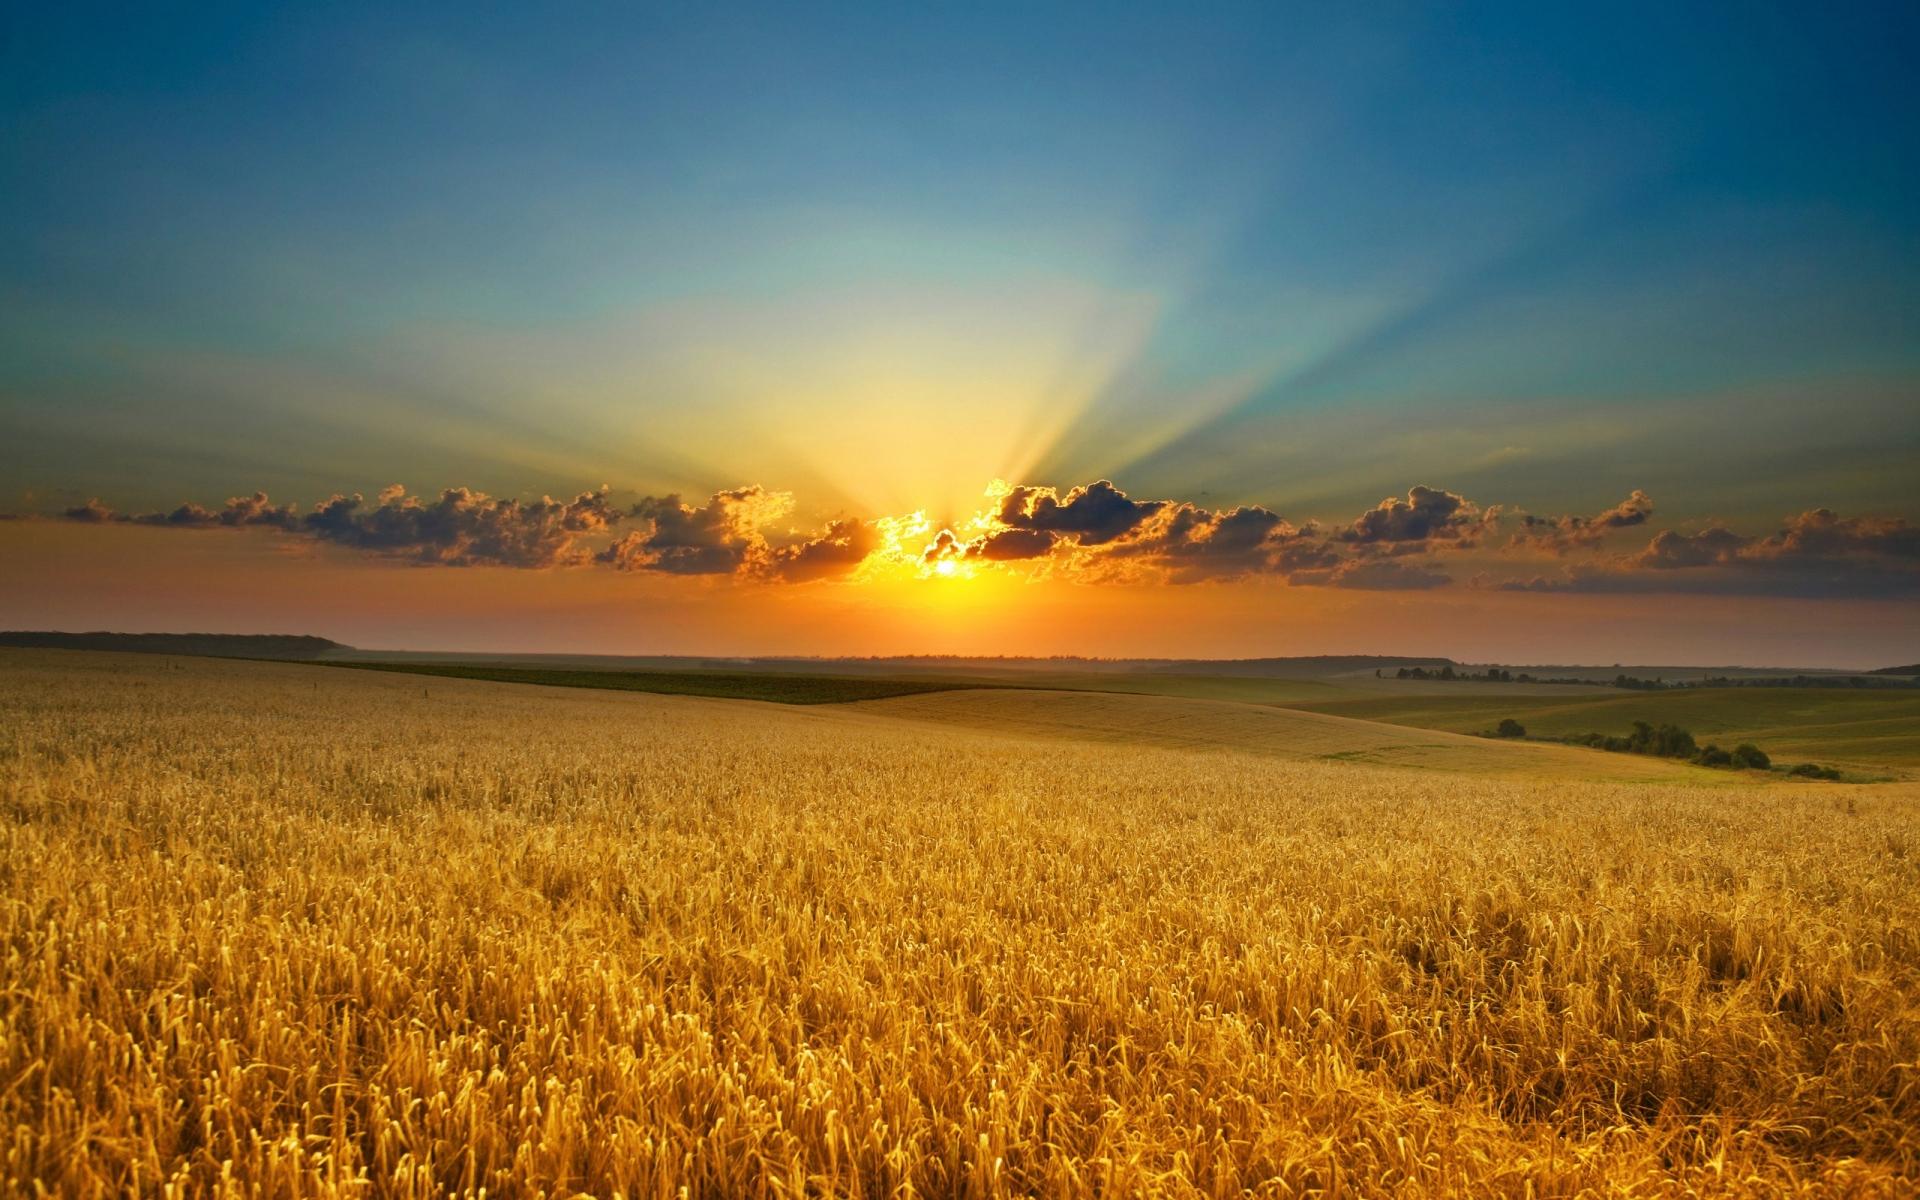 În circa 10 ani, fermele din România nu vor mai avea nevoie de angajați pe care și acum îi găsesc cu dificultate